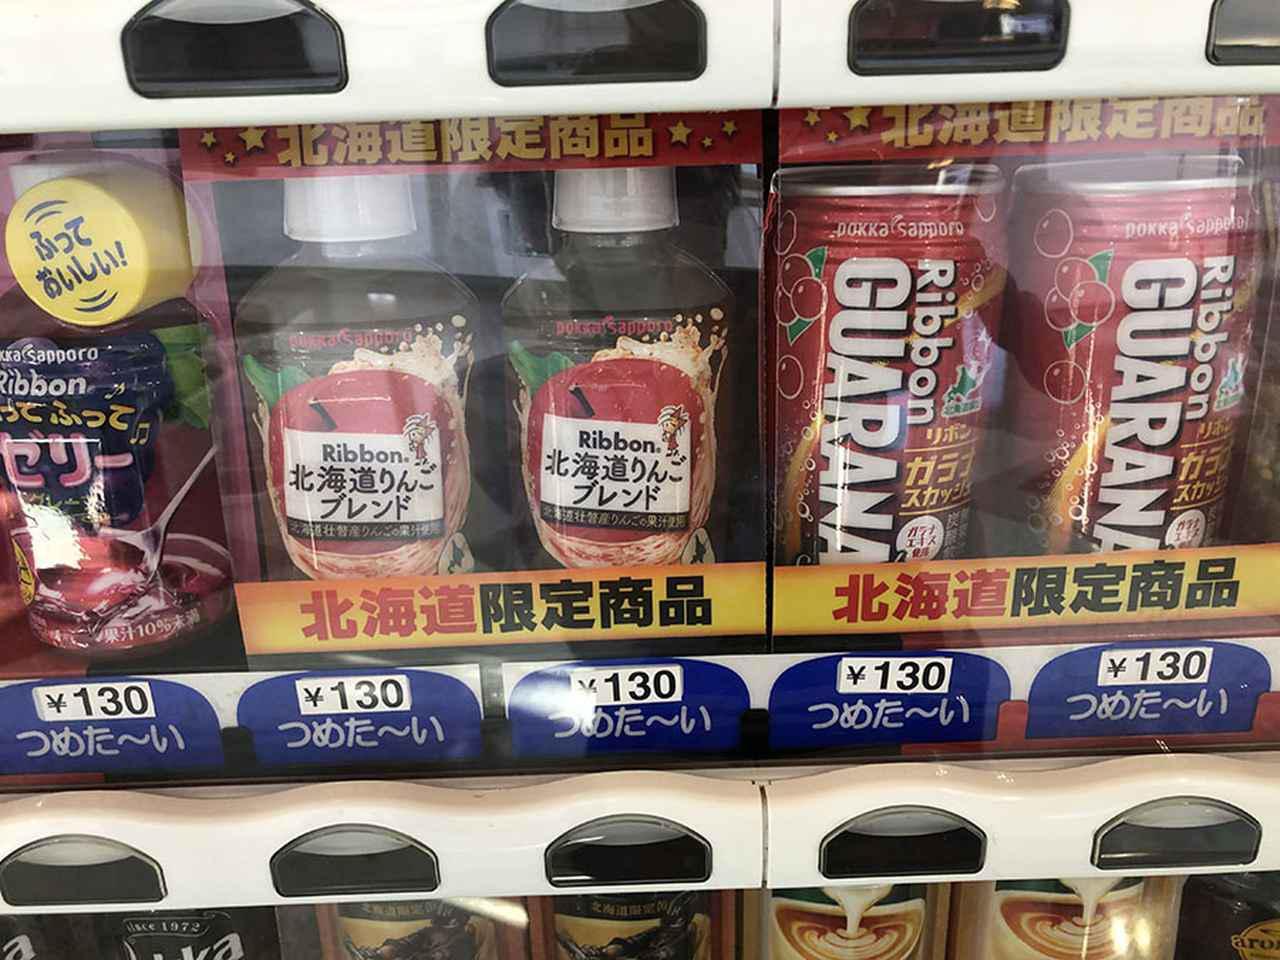 画像: 北海道のご当地飲料水の数々。Ribbon(リボン)の「北海道りんごブレンド」と「GUARNA(ガラナ)」。